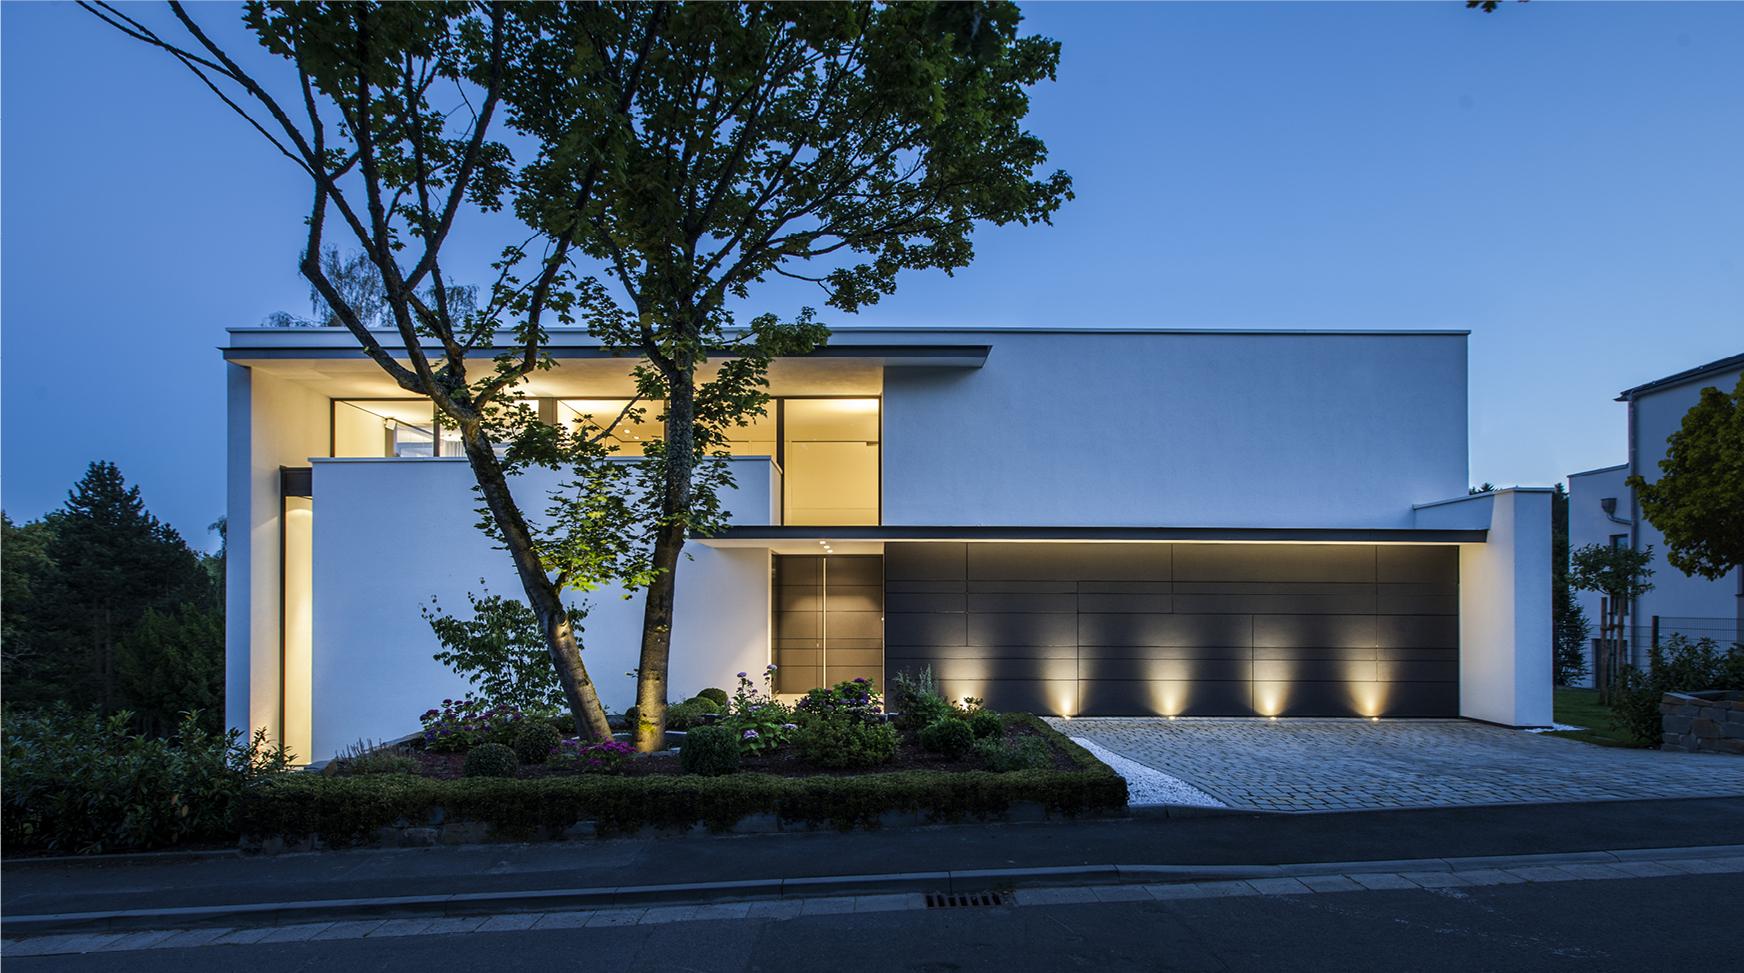 Hochwertig Leistungen FUCHS, WACKER. Entwurf, Planung: Gebäude   Gartengestaltung    Interieur   Einbaumöbel